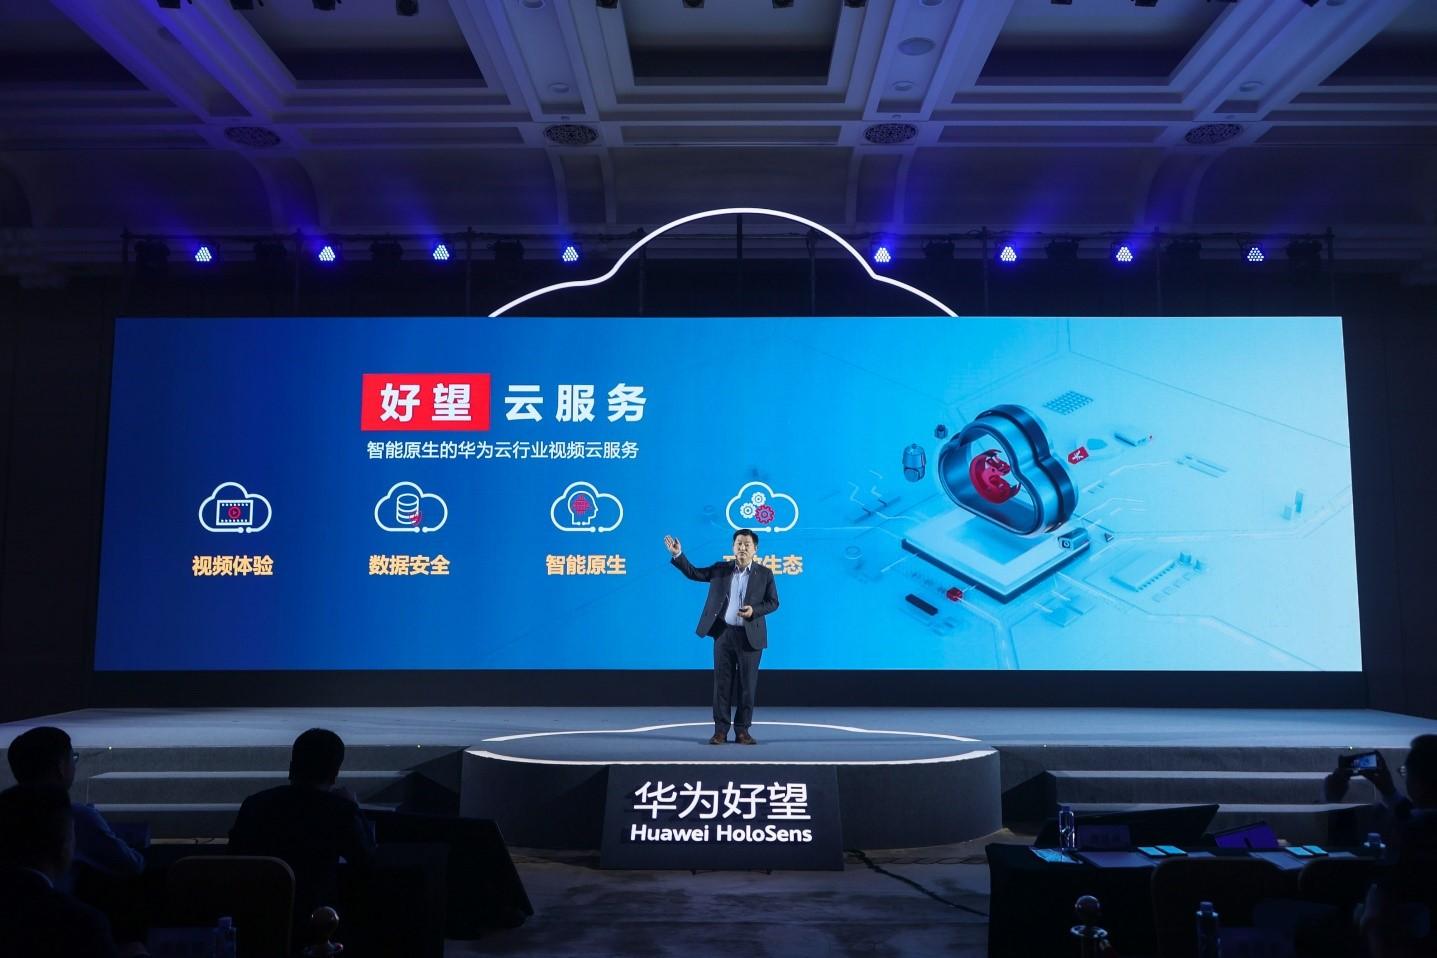 华为发布好望云服务 使能行业数字化转型